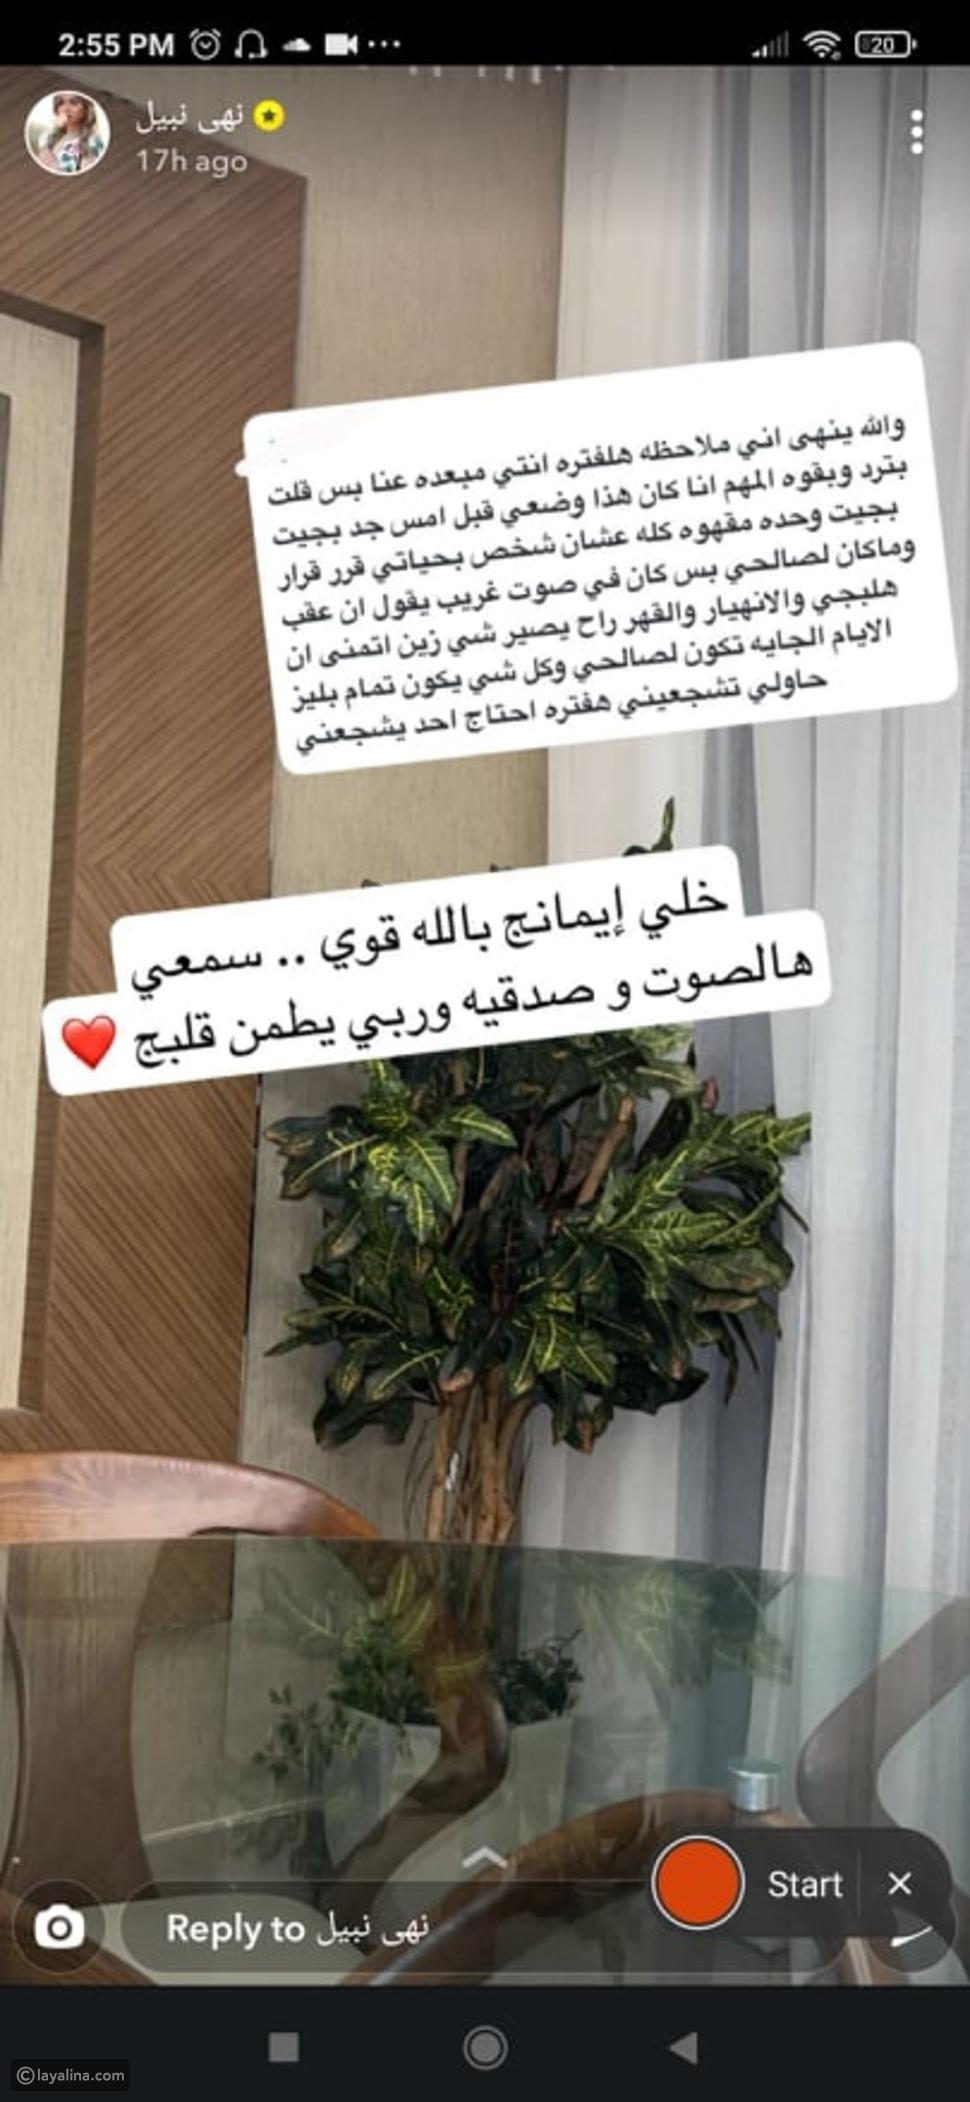 ابن نهى نبيل يتعرض لوعكة صحية والفاشنيستا الكويتية توجه رسالة لجمهورها